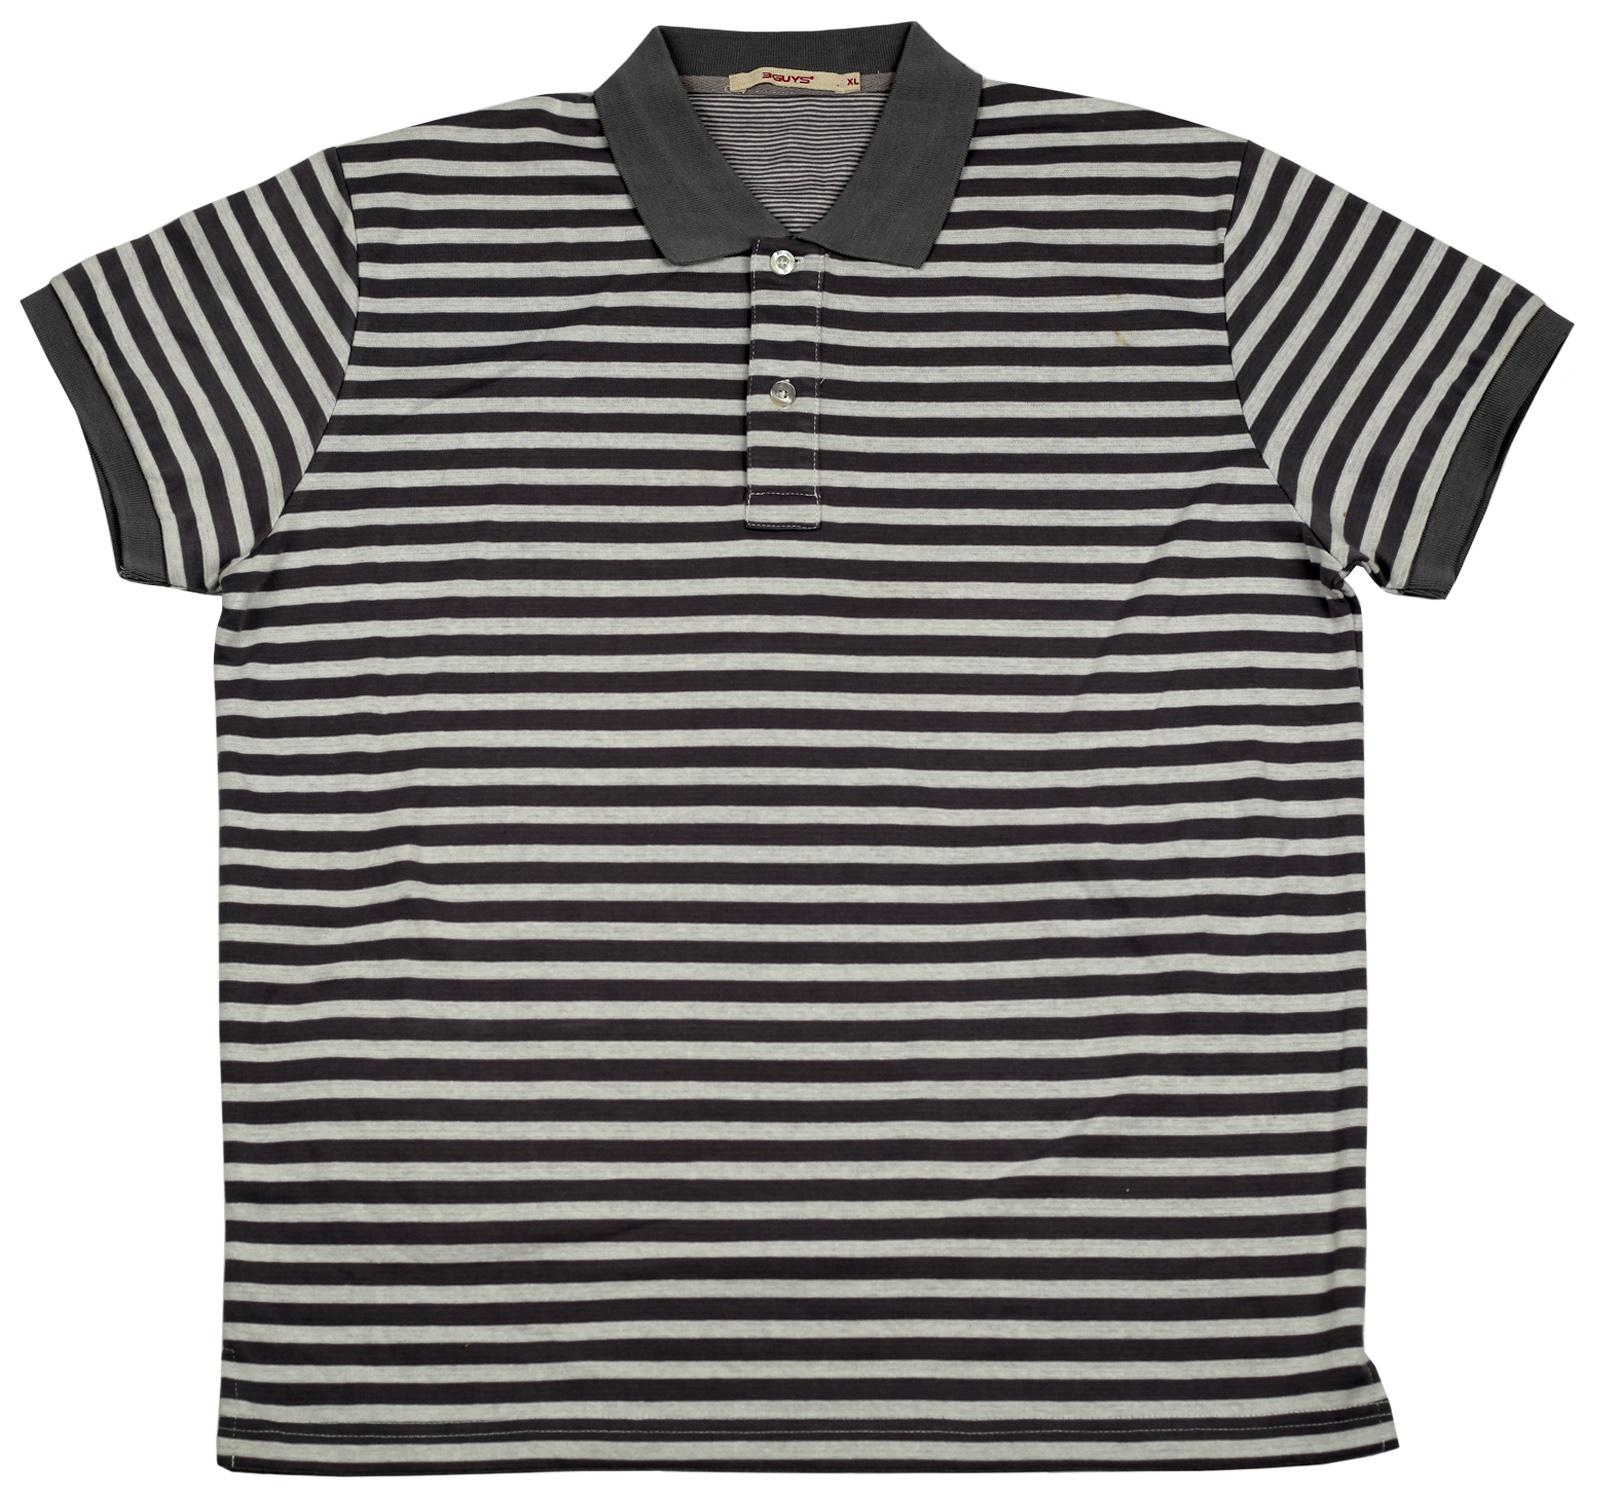 Полосатая футболка-поло от Guys. Стильная повседневная модель